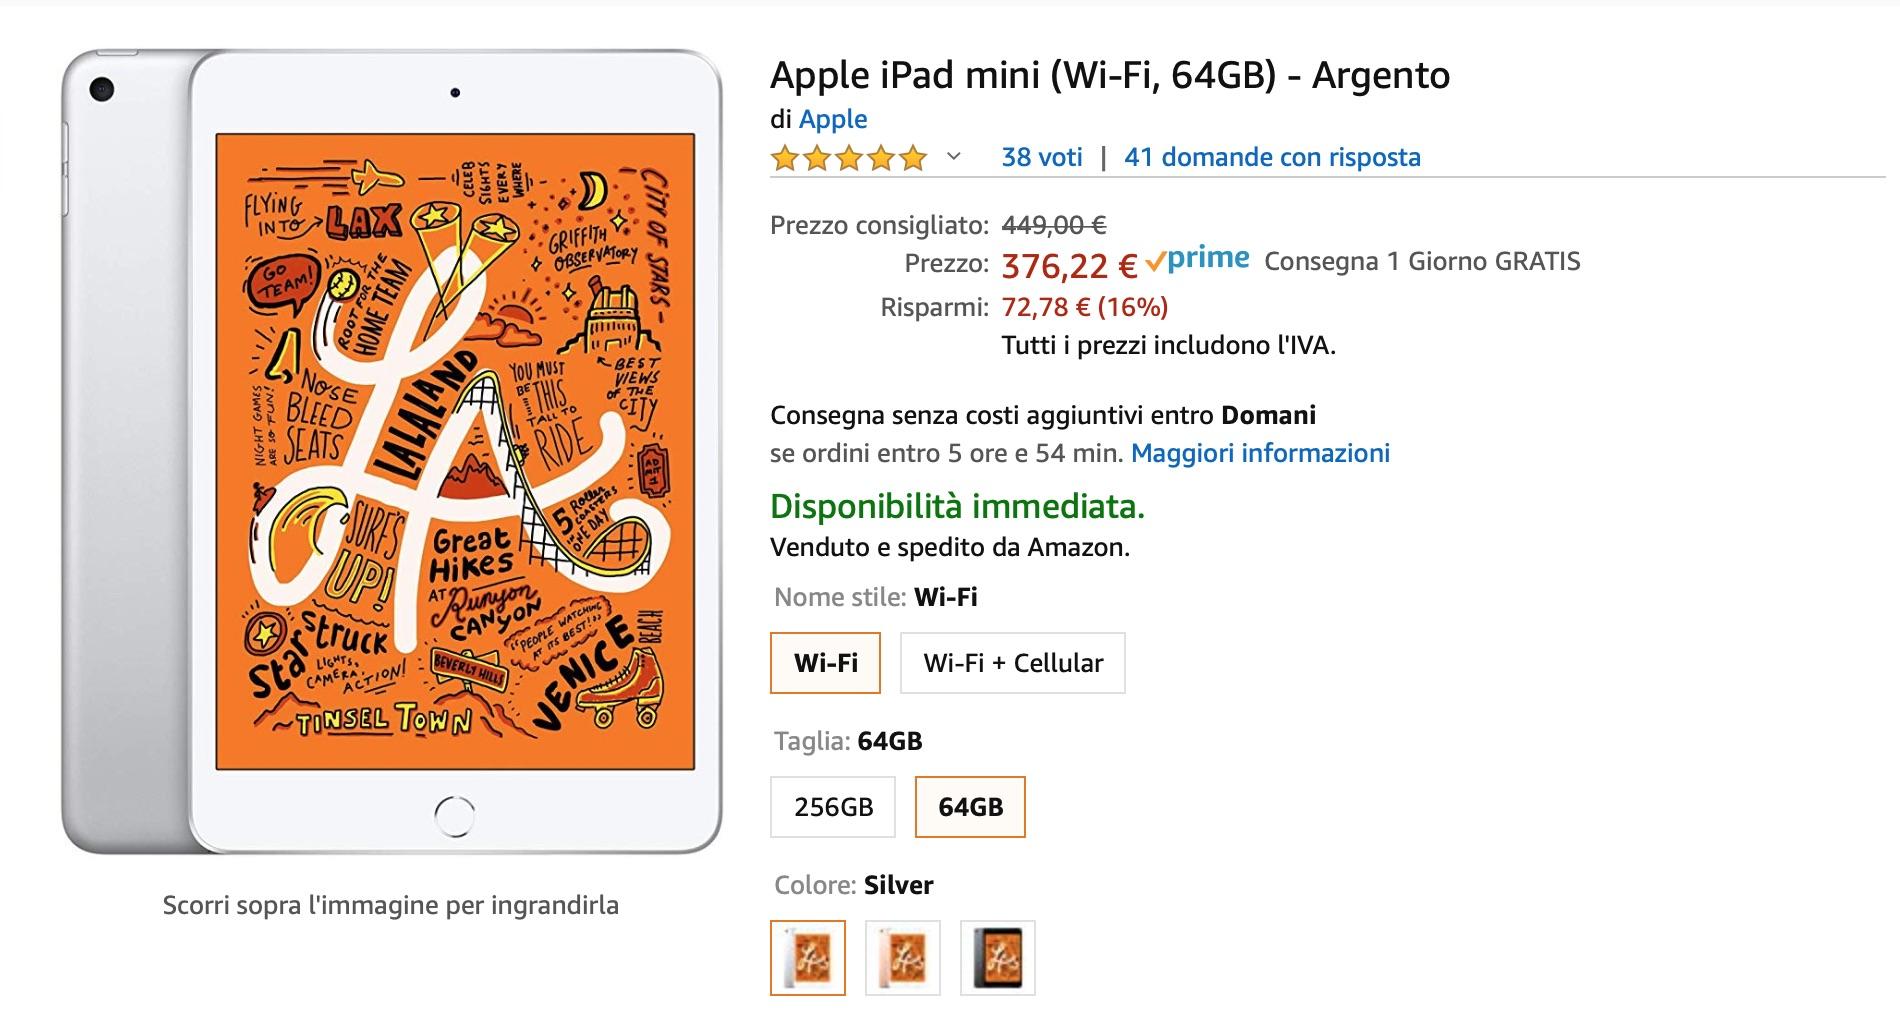 iPad mini 5 scontato del 17% su Amazon: prezzo da 37